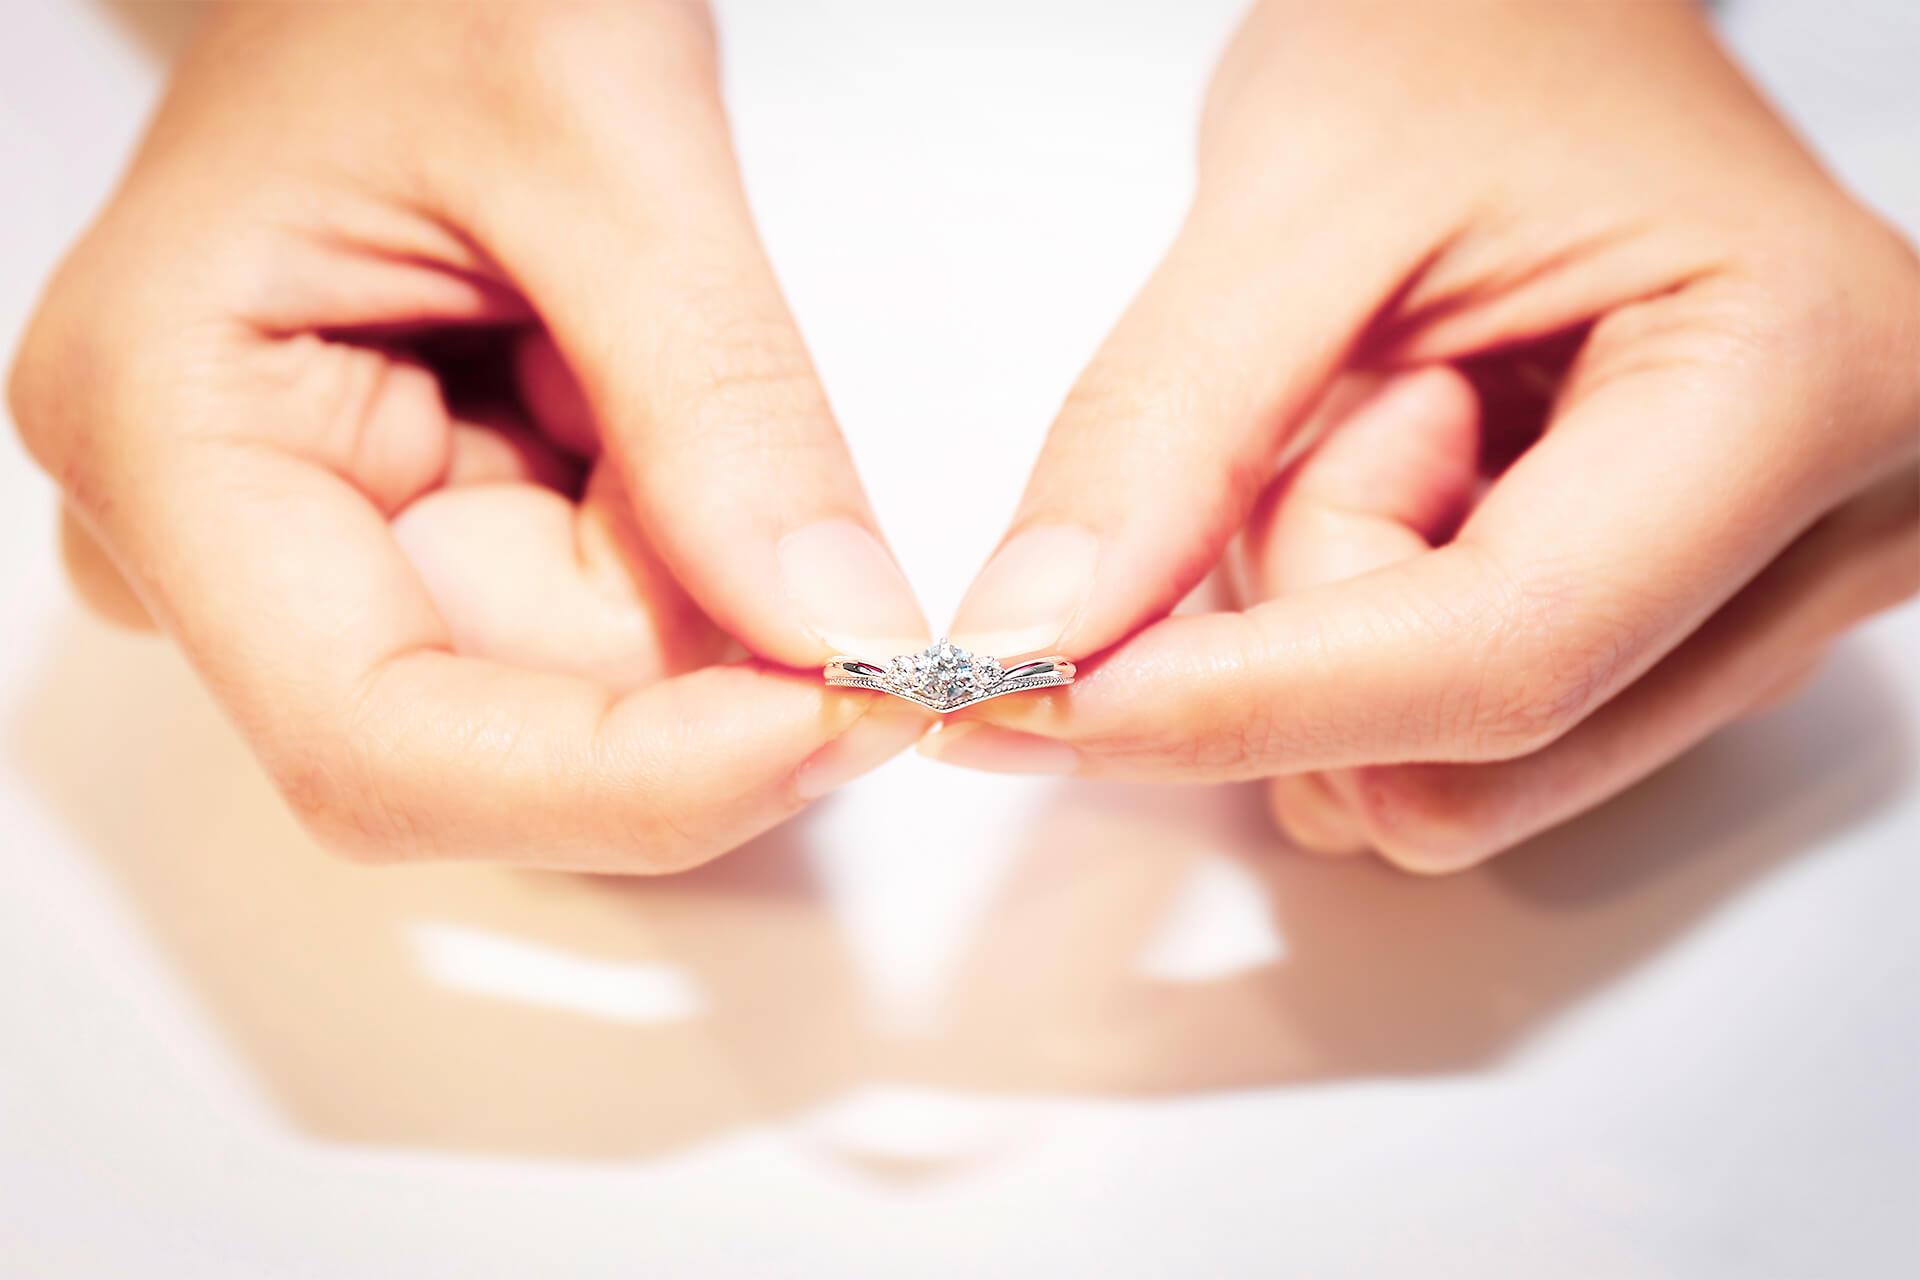 鑽戒跟求婚戒是一樣的嗎